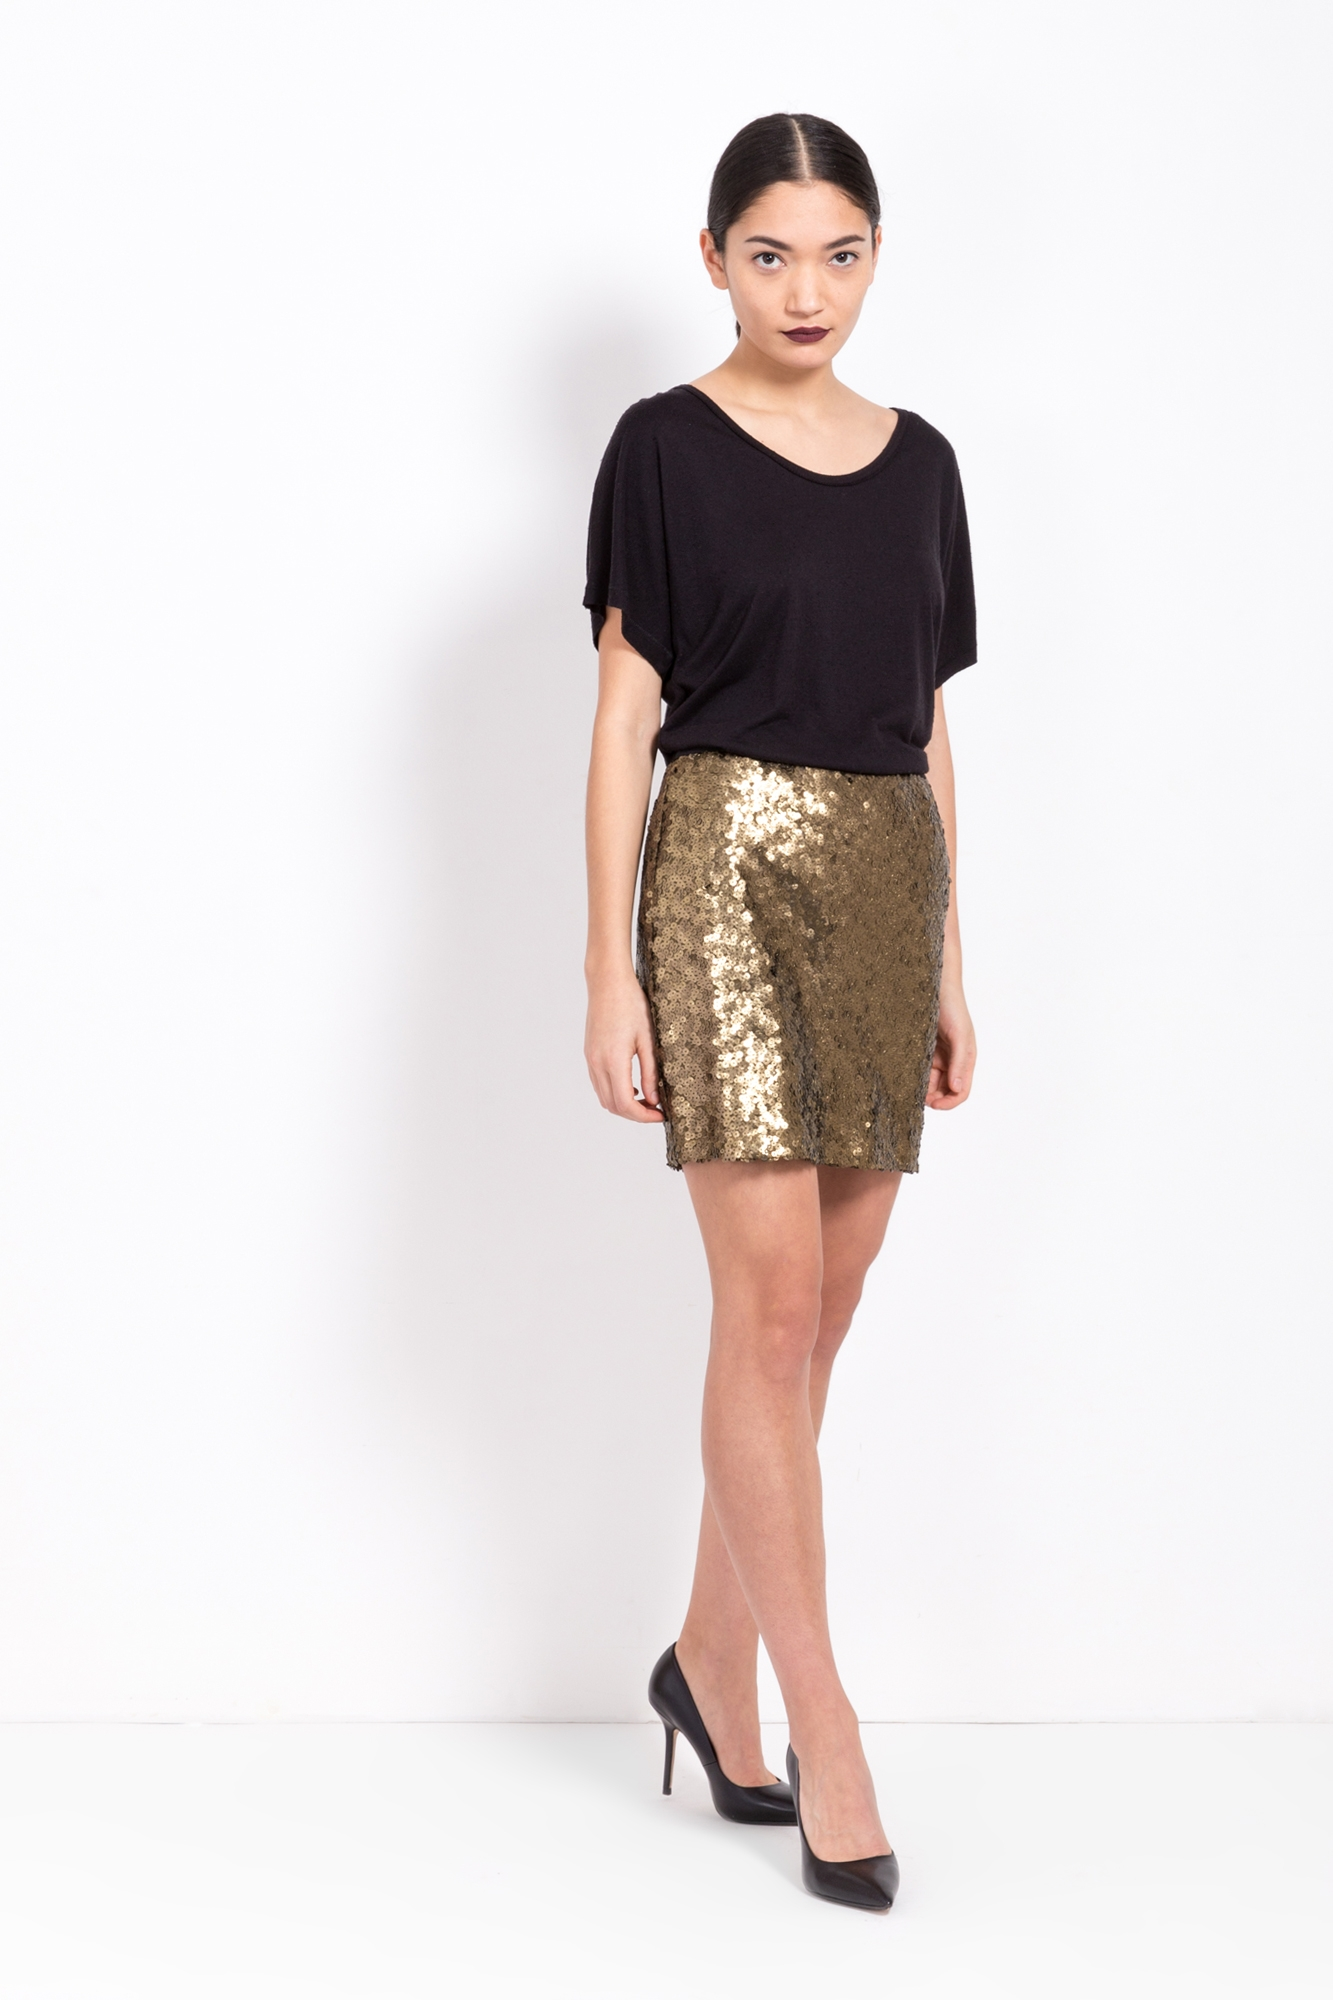 skirt-6015-side.jpg